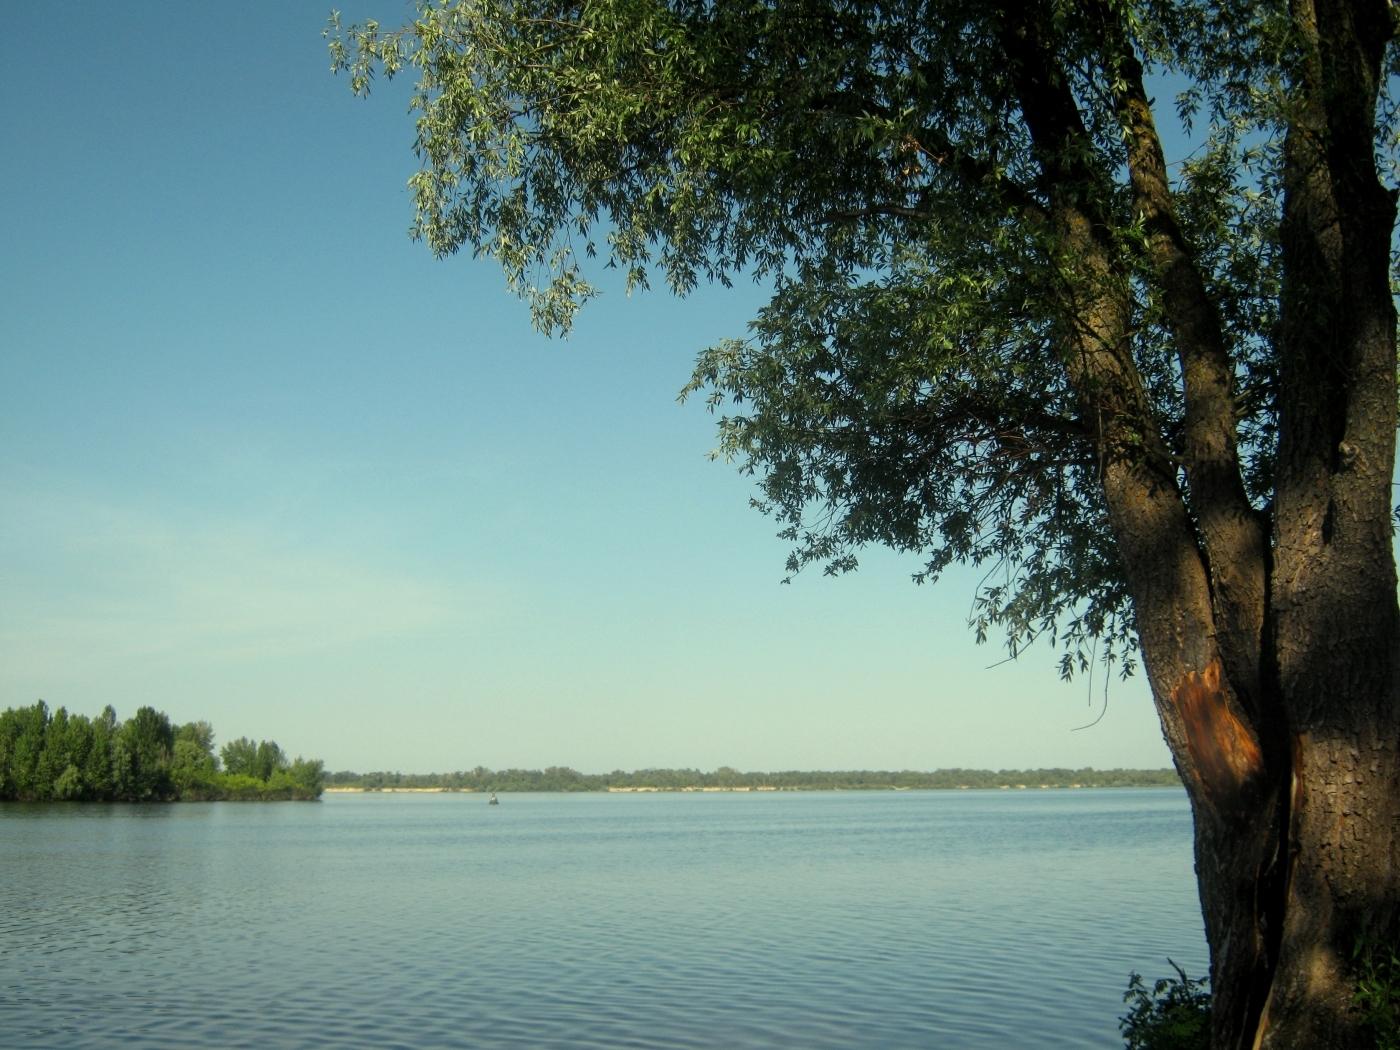 28106 скачать обои Пейзаж, Река, Деревья - заставки и картинки бесплатно